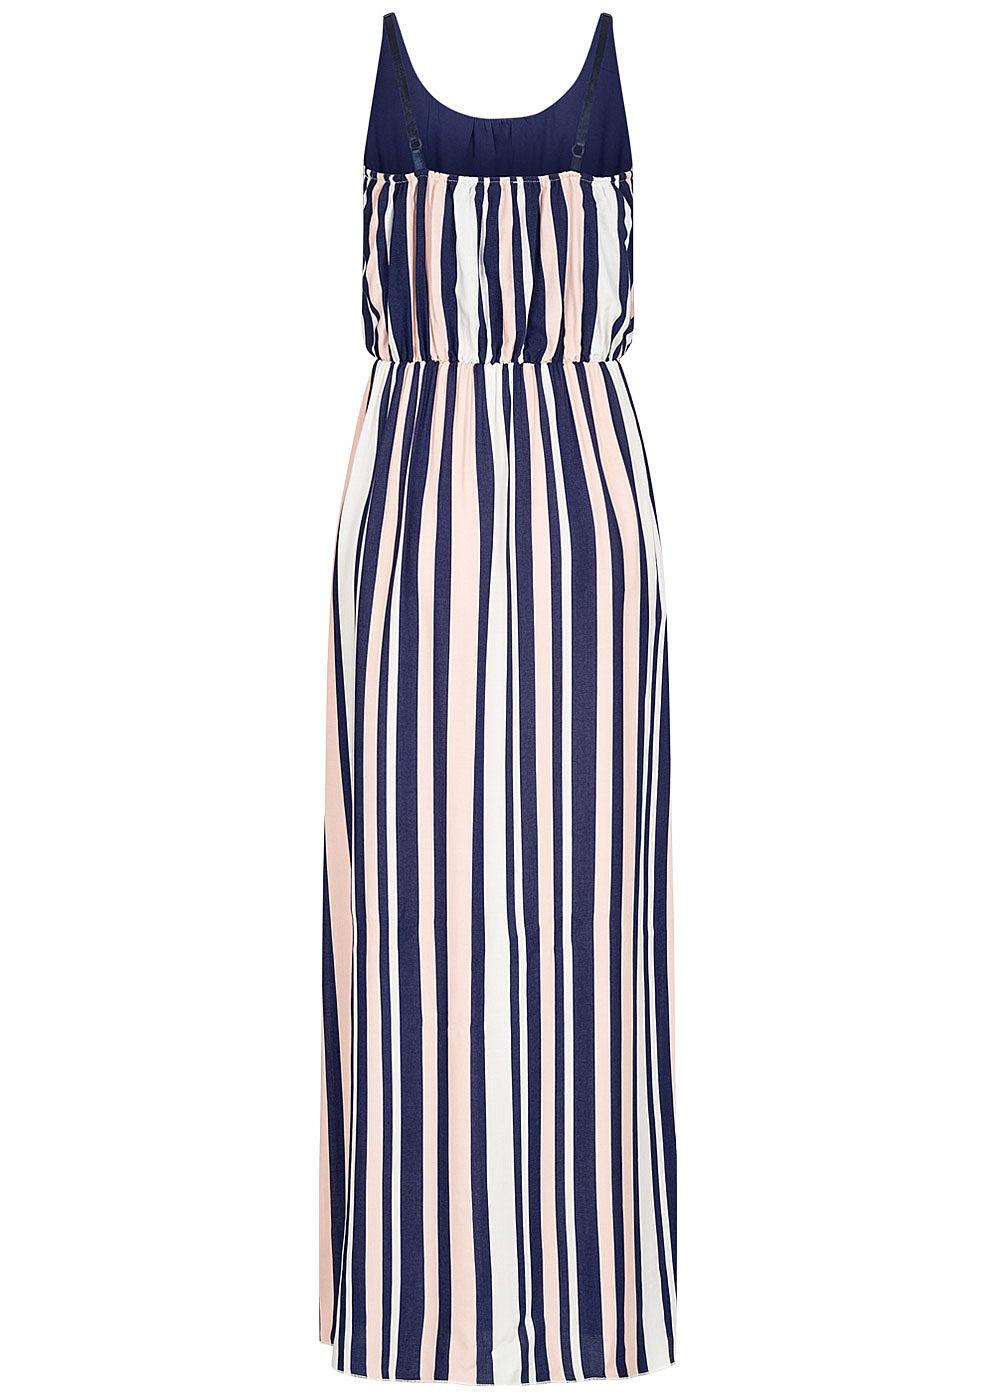 Hailys Damen Maxi Kleid Streifen Muster Taillenzug navy ...